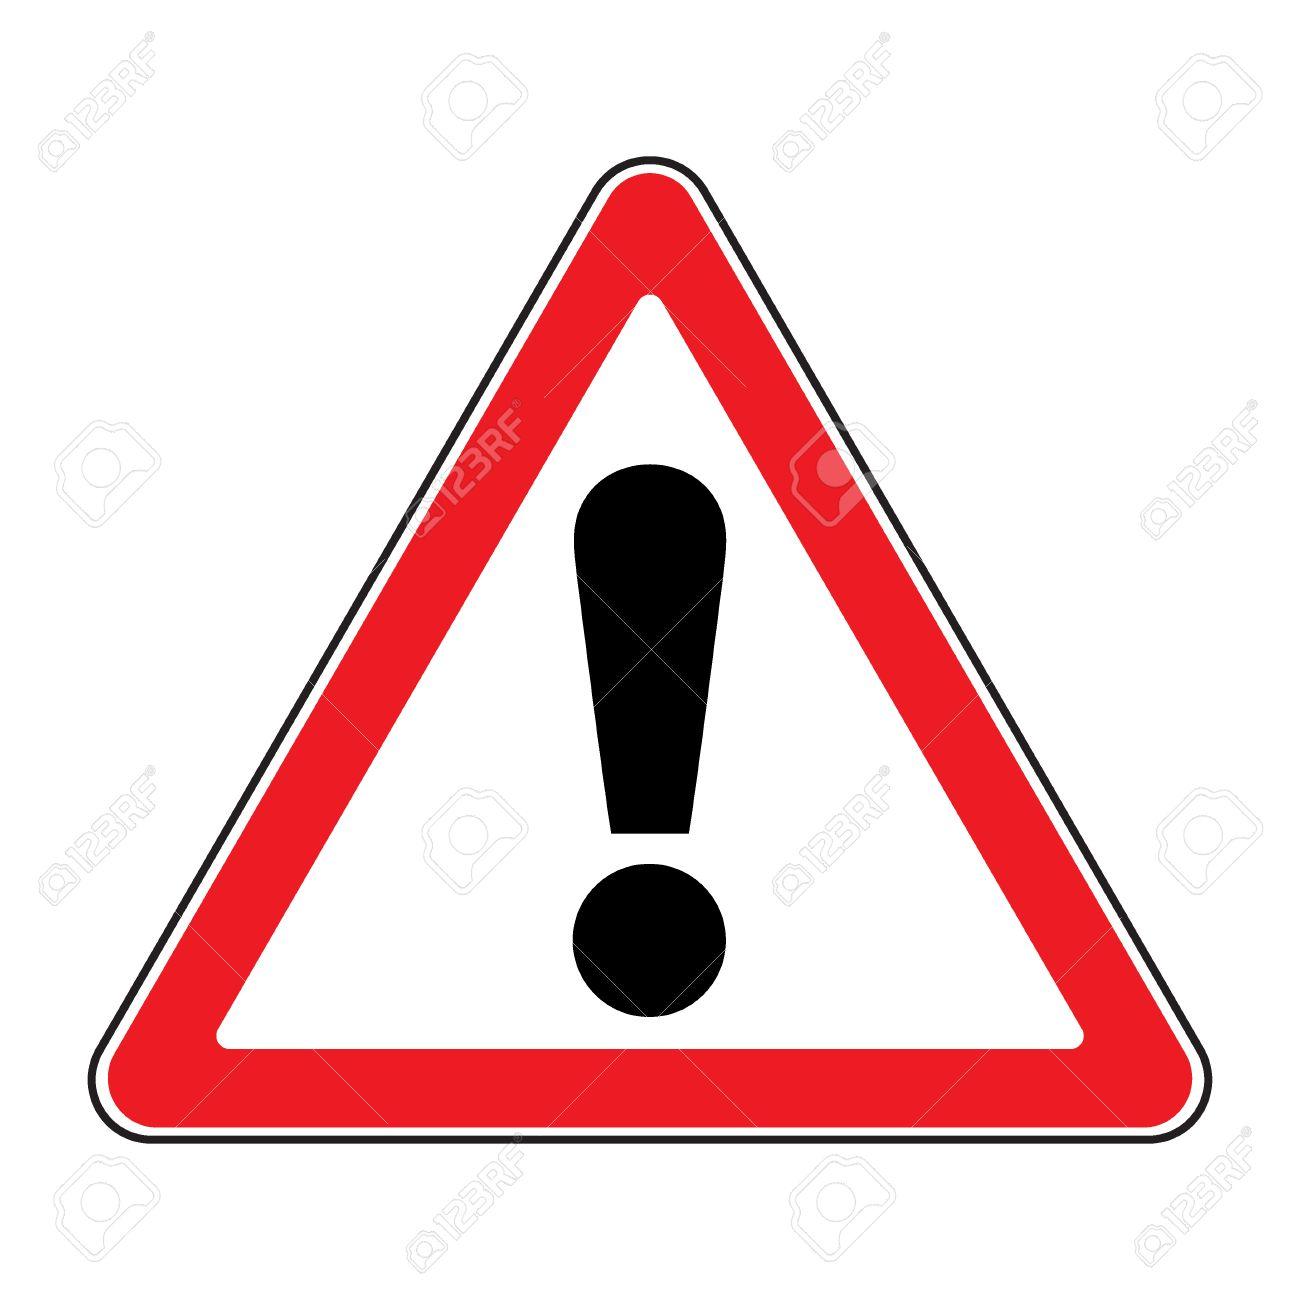 47434087-avertissement-de-danger-signe-attention-icône-dans-un-triangle-rouge-avec-point-d-exclamation-isolé-su.jpg